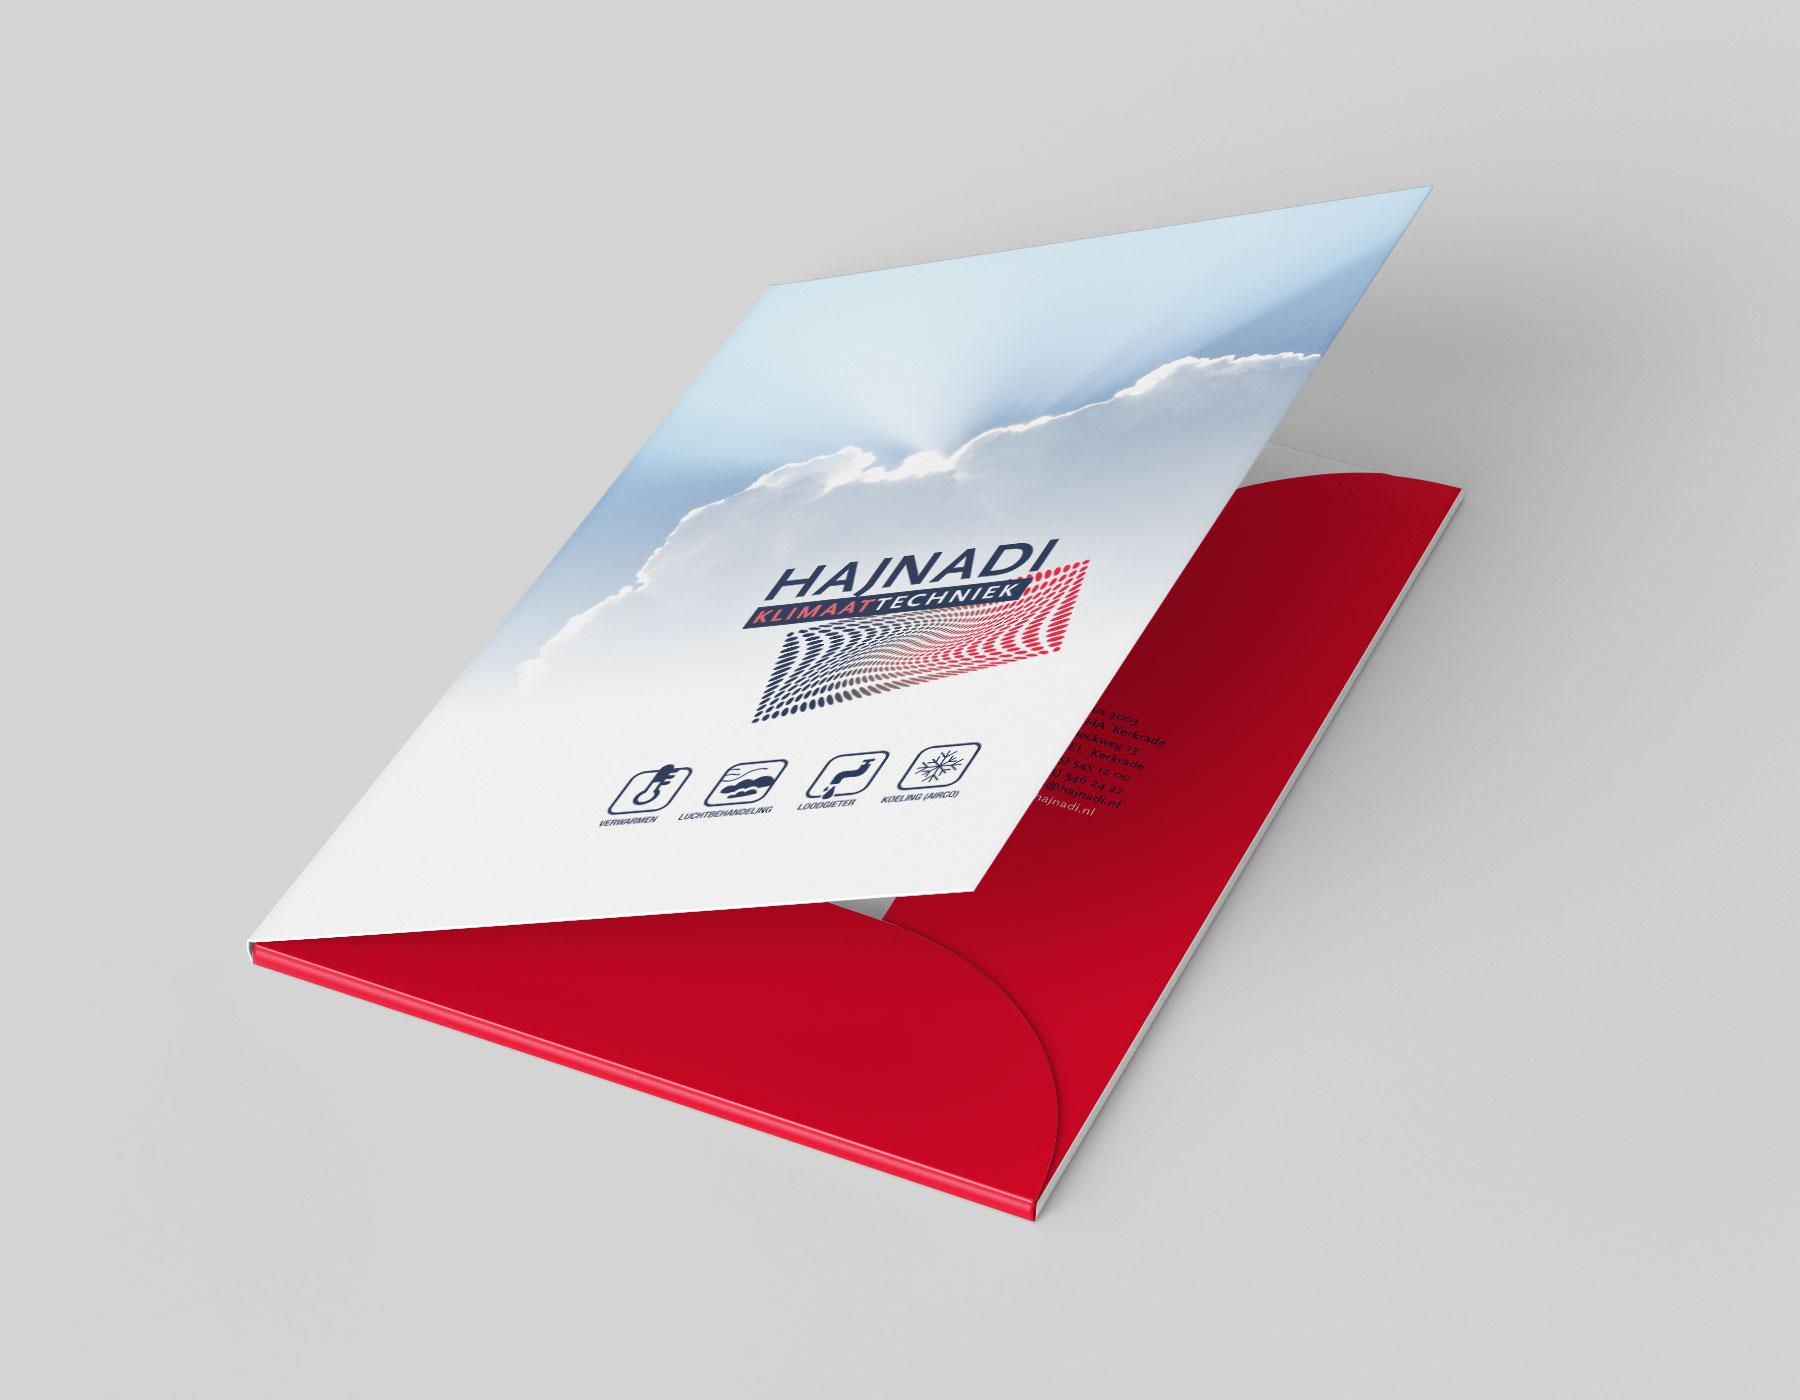 hajnadi installatietechniek offertemap vormgeving drukwerk